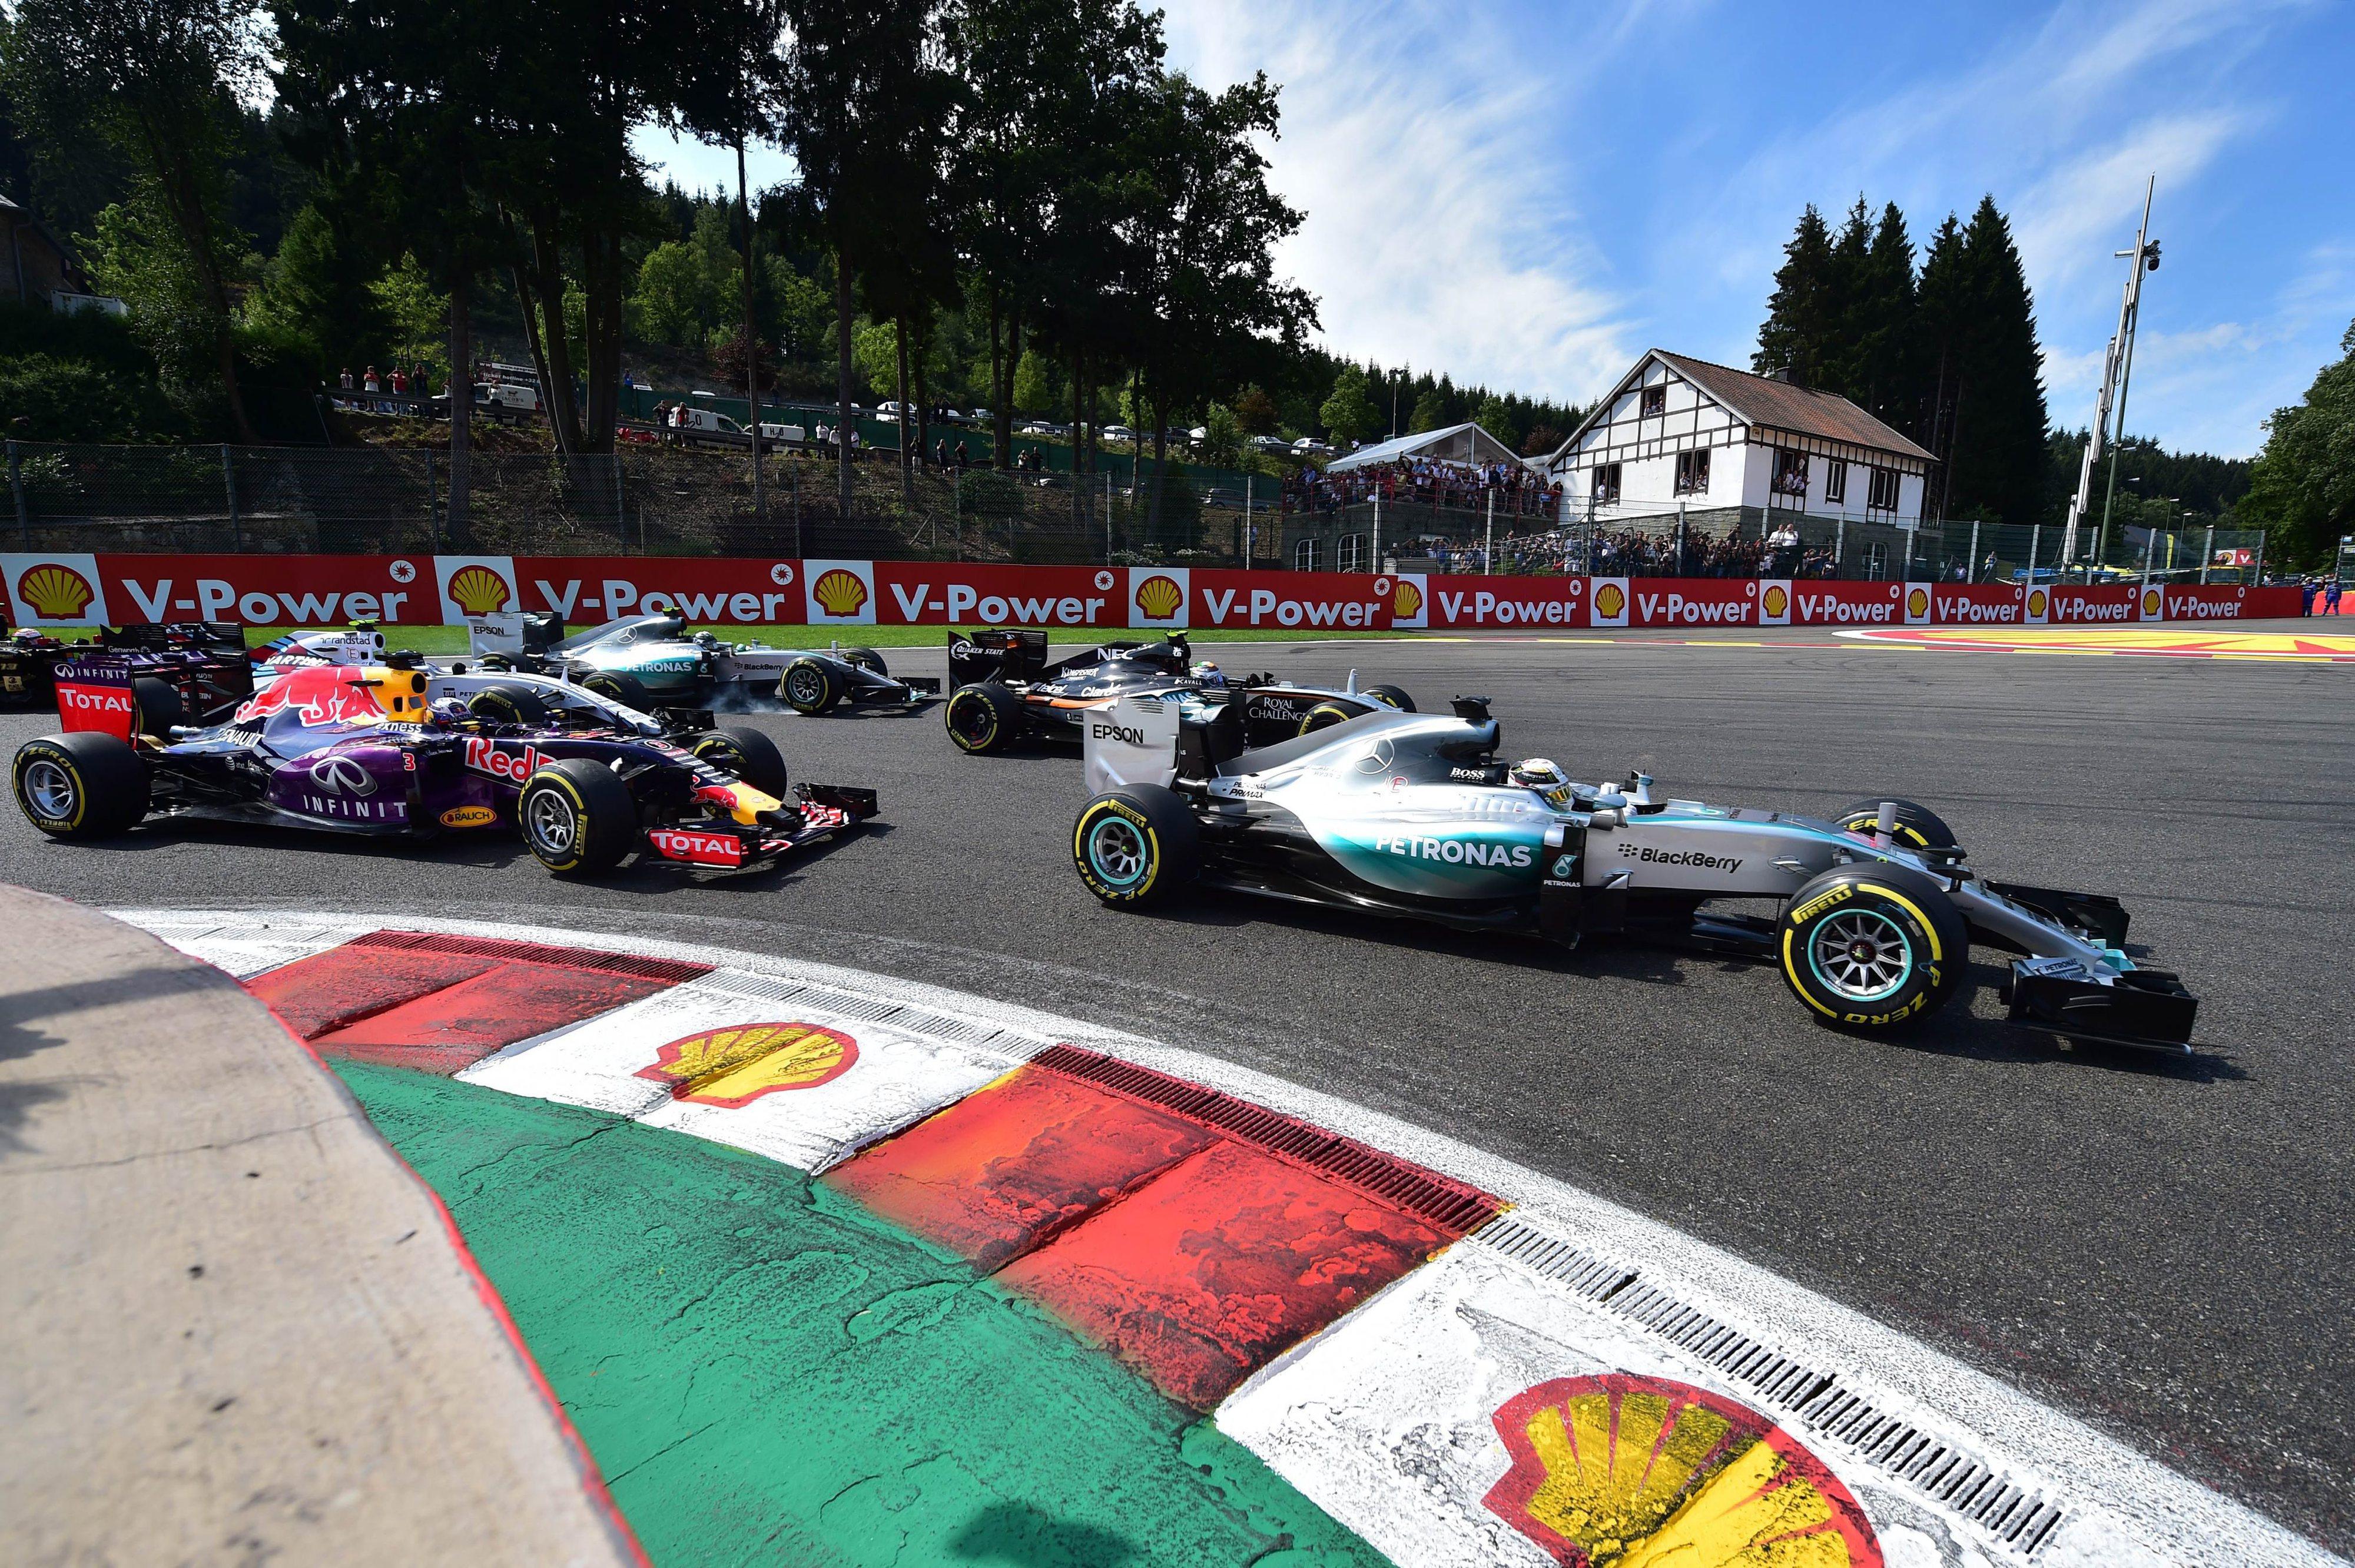 Grande Prémio da Bélgica permanece no calendário mundial da Fórmula 1 até 2021